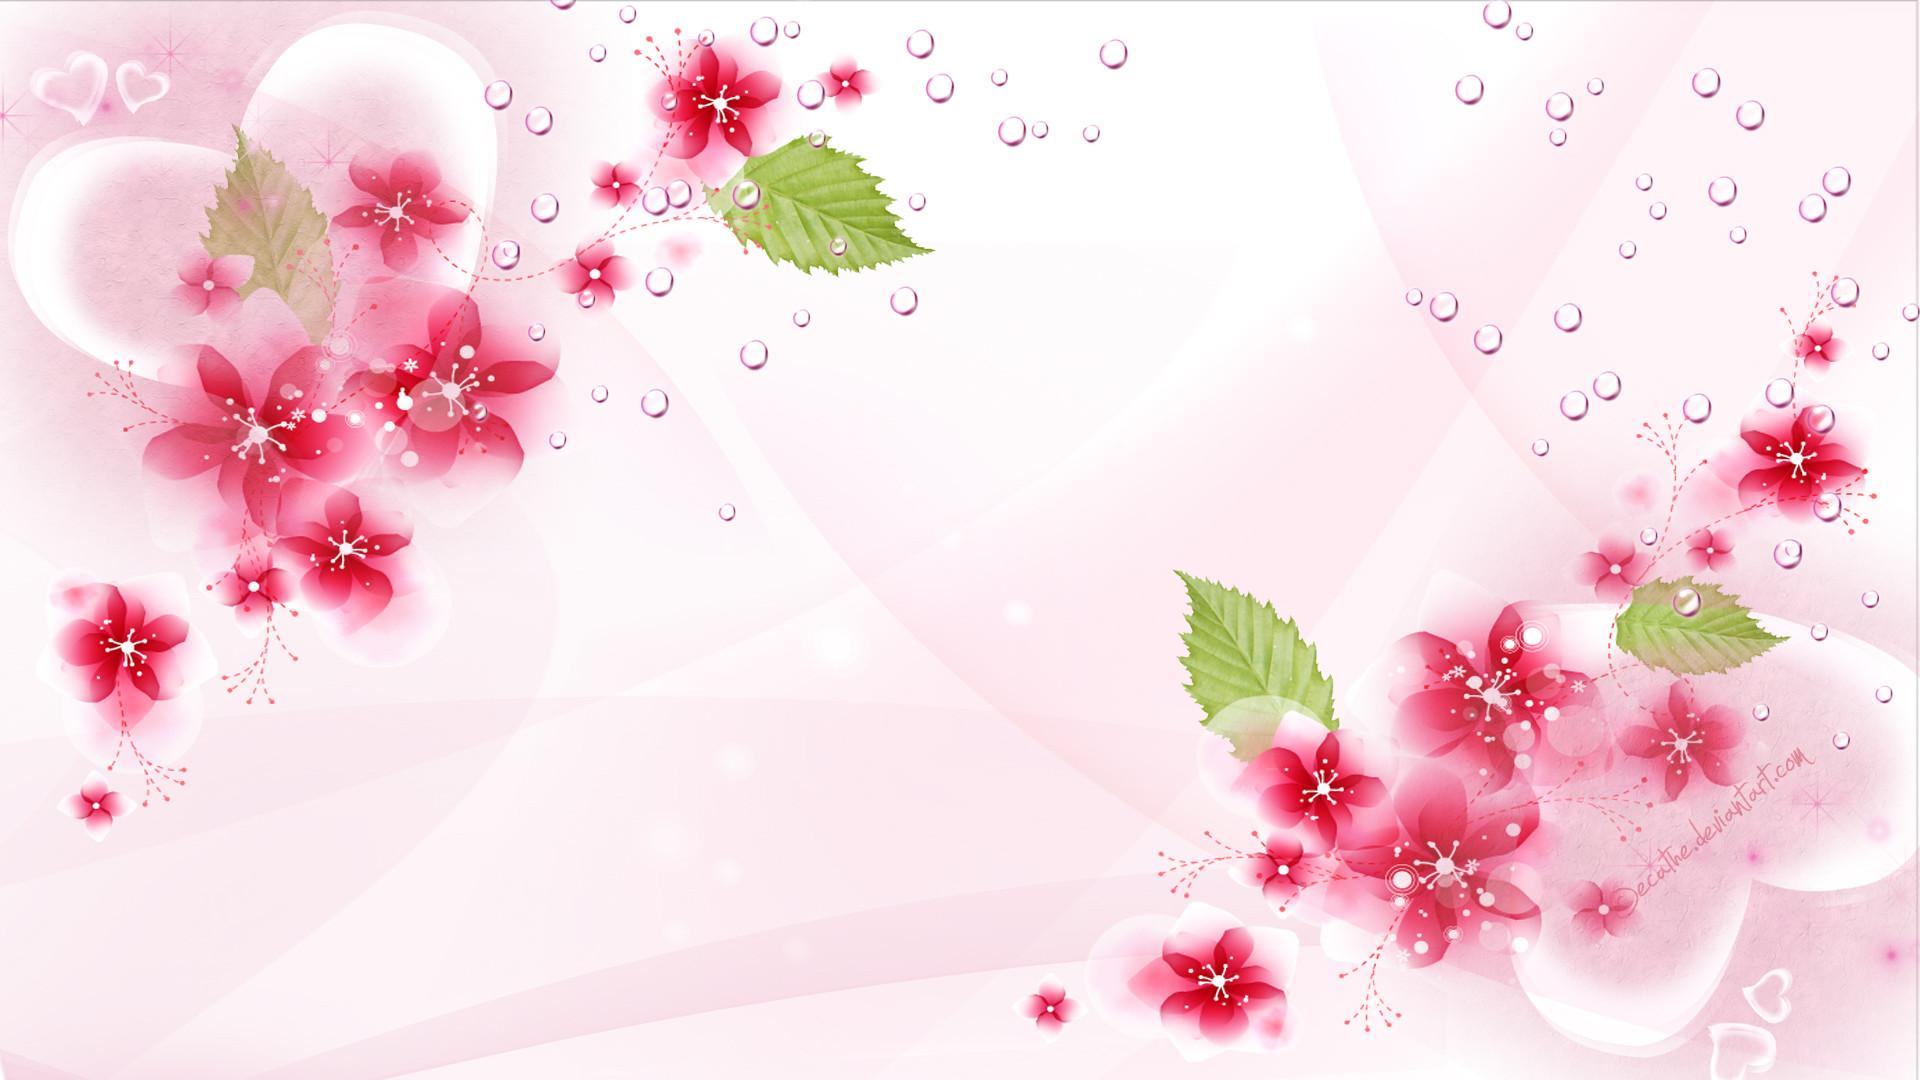 Aşk Duvar Kağıtları - 56